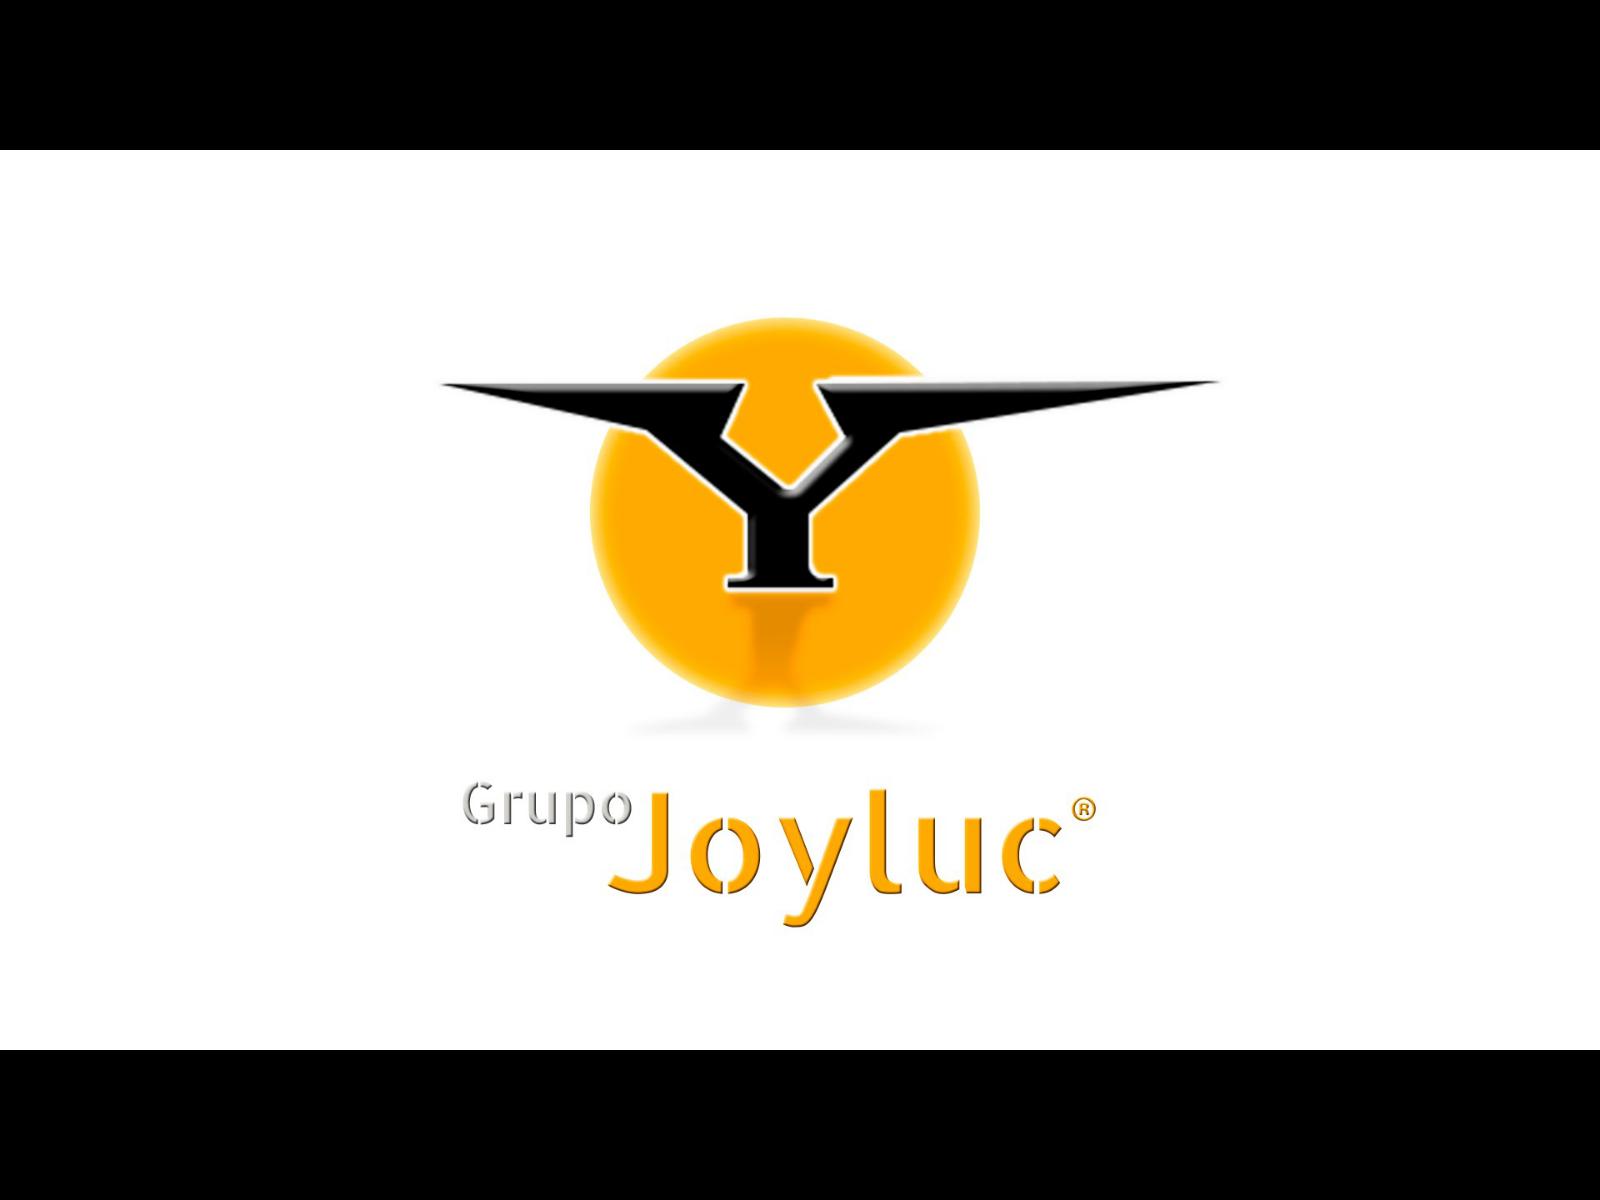 Grupo Joyluc Empresa Constructora en Castilla la Mancha